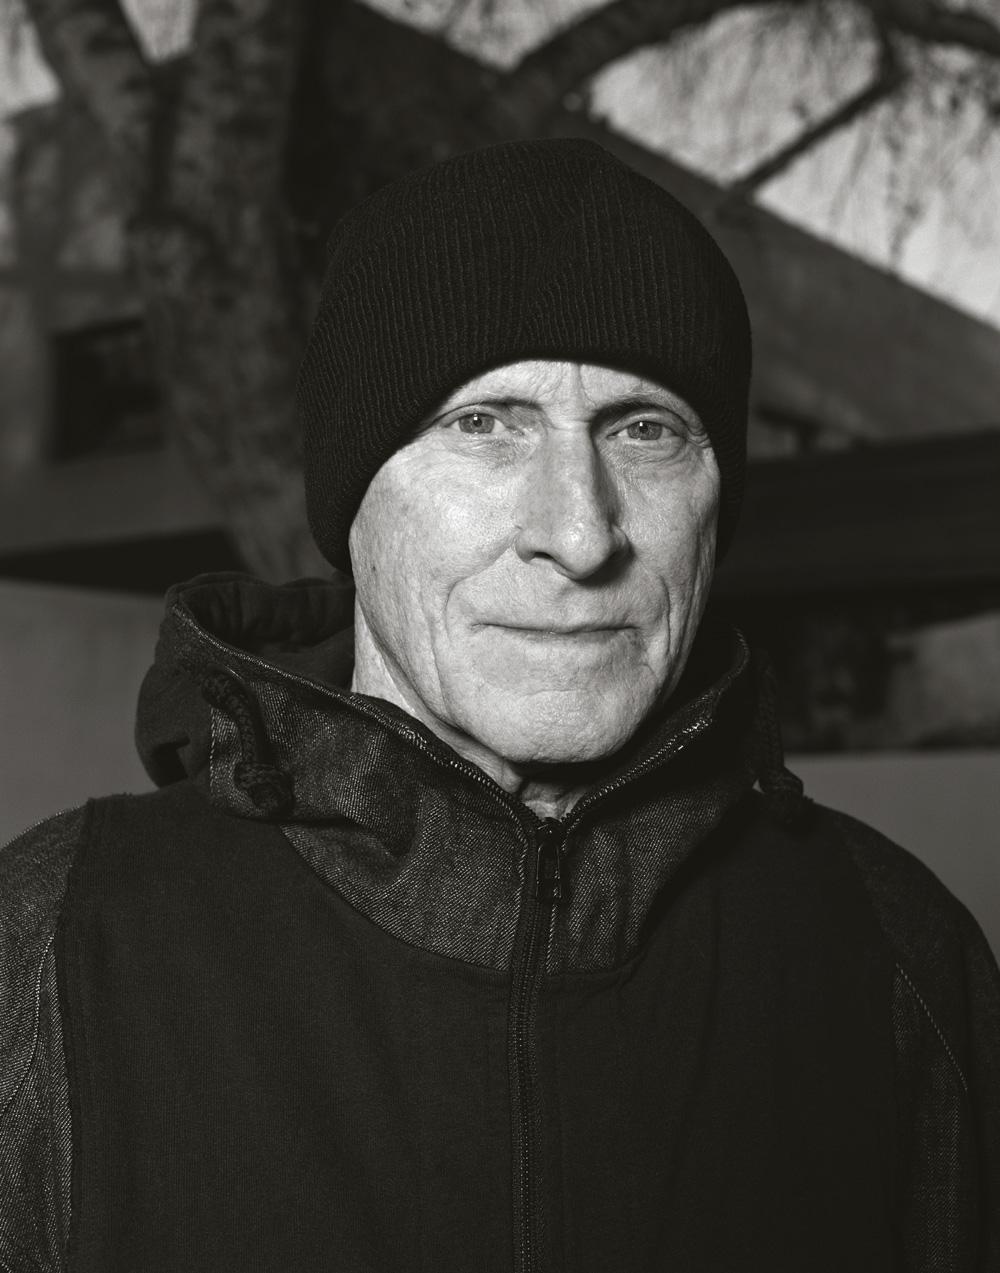 Antoine Predock / Architect